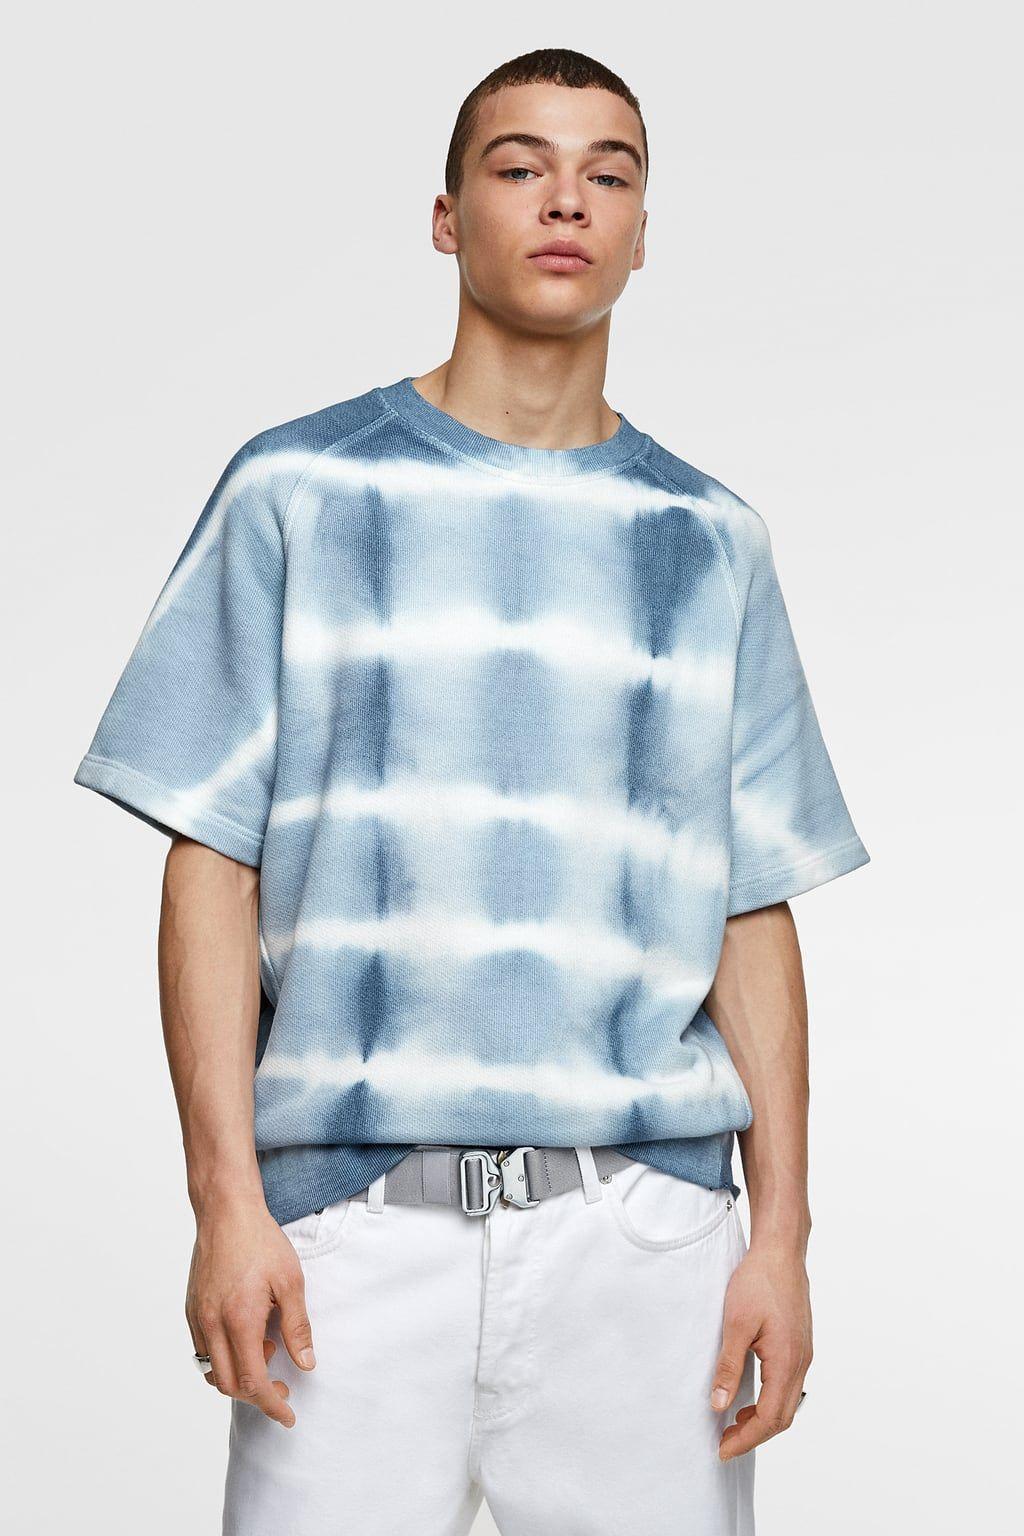 Tie Dye Print Sweatshirt New In Man Zara Canada Tie Dye Outfits Tie Dye Tie Dye T Shirts [ 1536 x 1024 Pixel ]